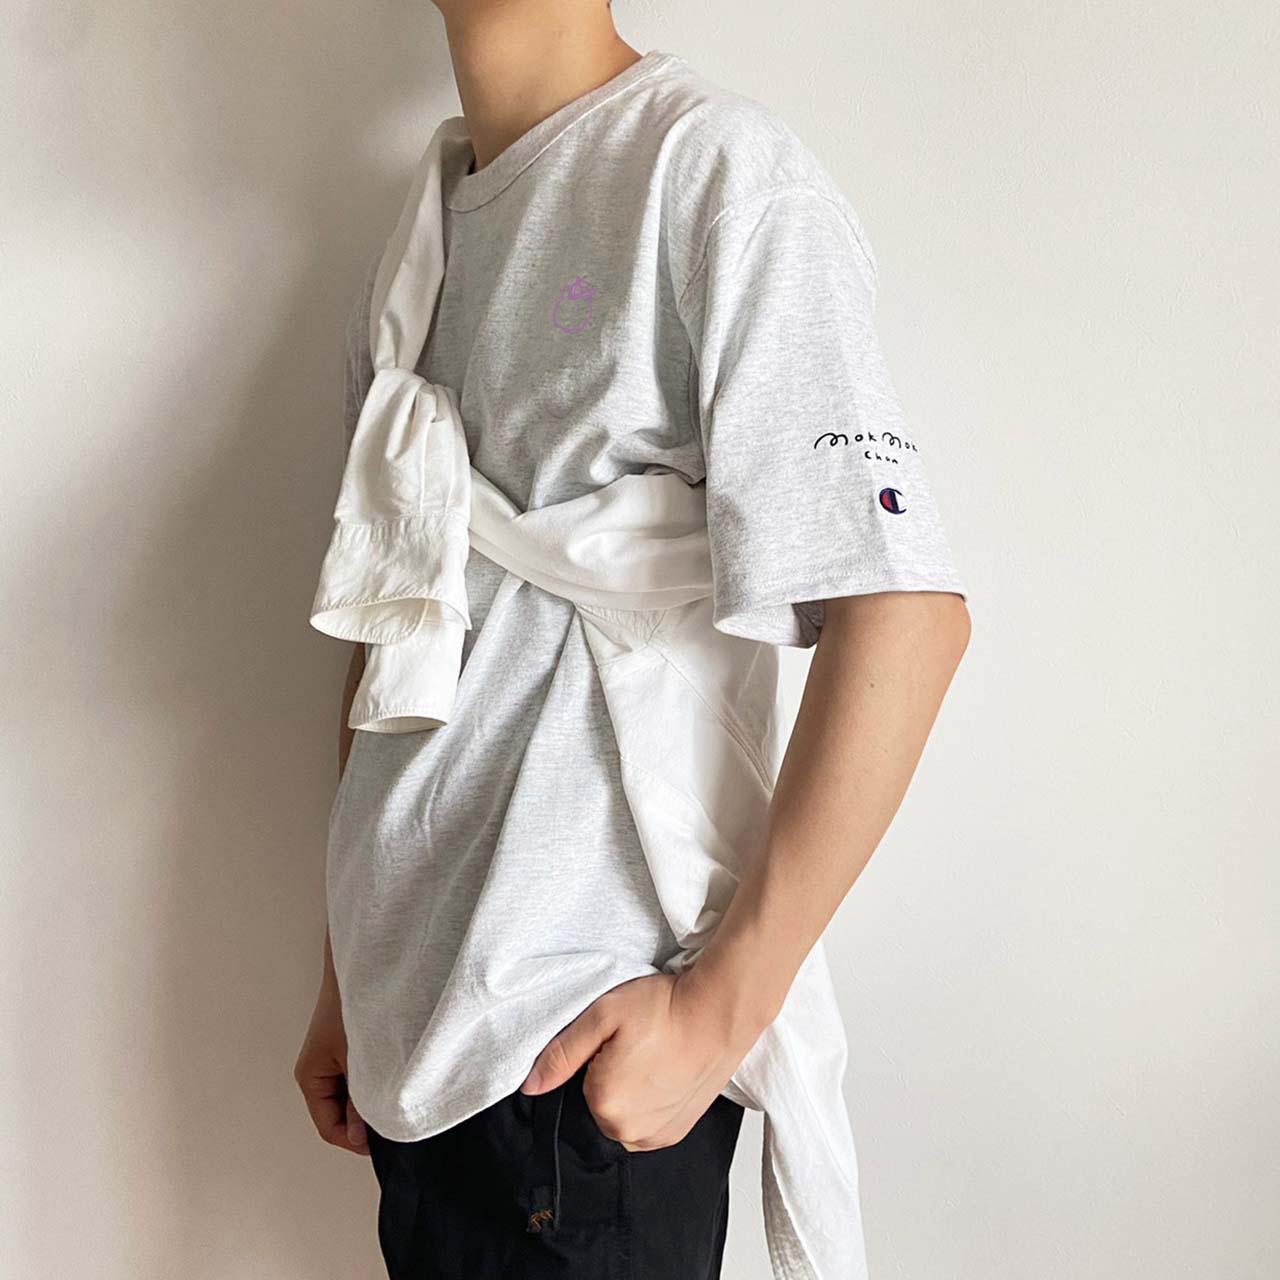 大好評のChampion Tシャツに第二弾モデルが登場!